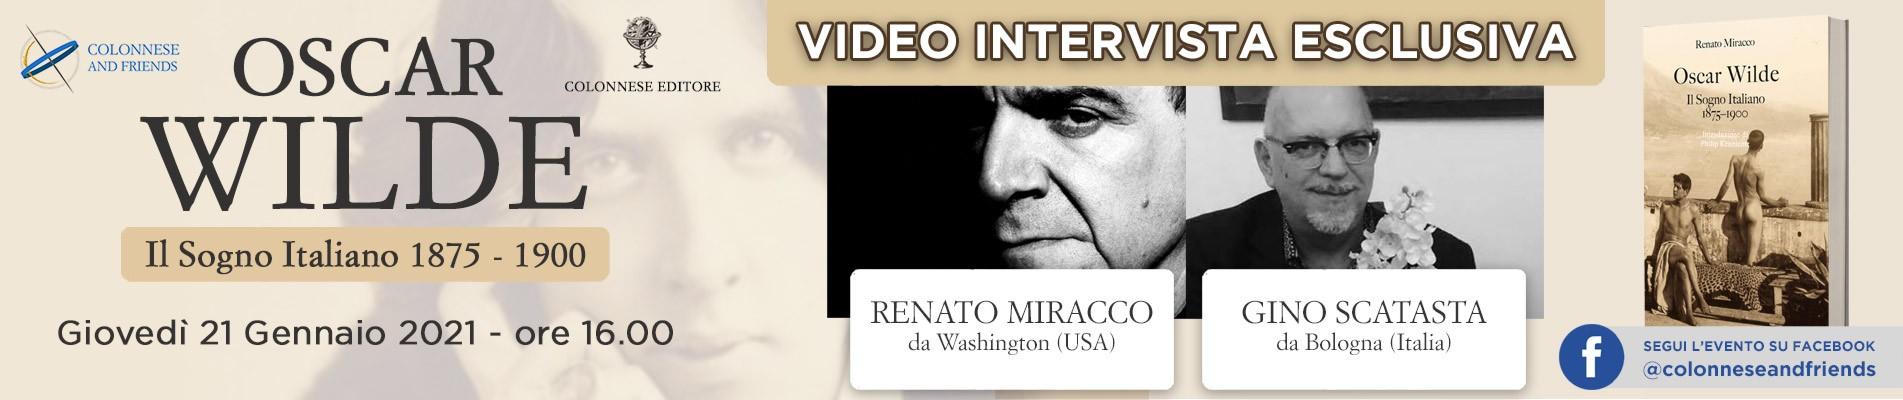 Intervista a Renato Miracco